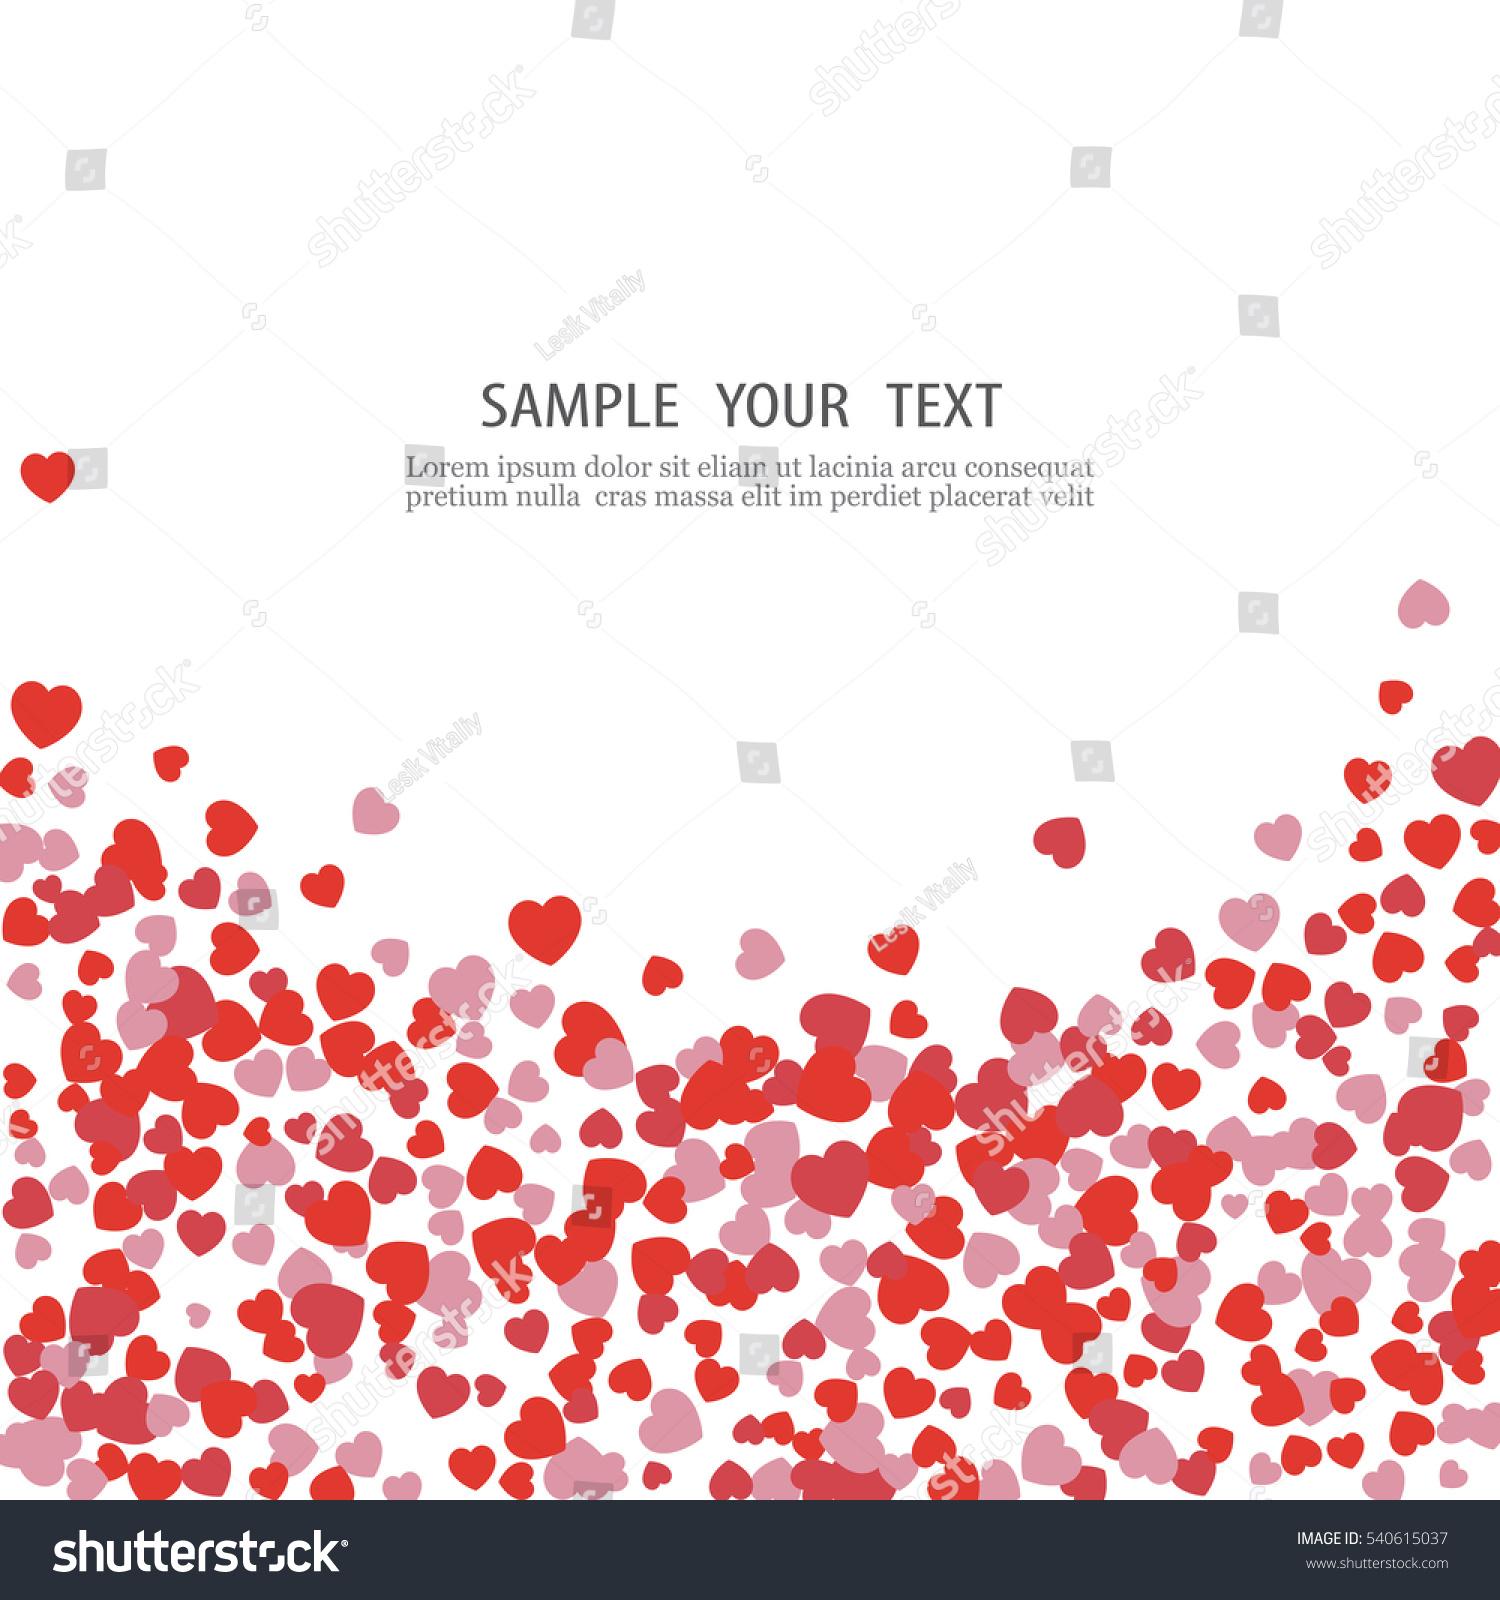 holiday hearts wallpaper vector - photo #12